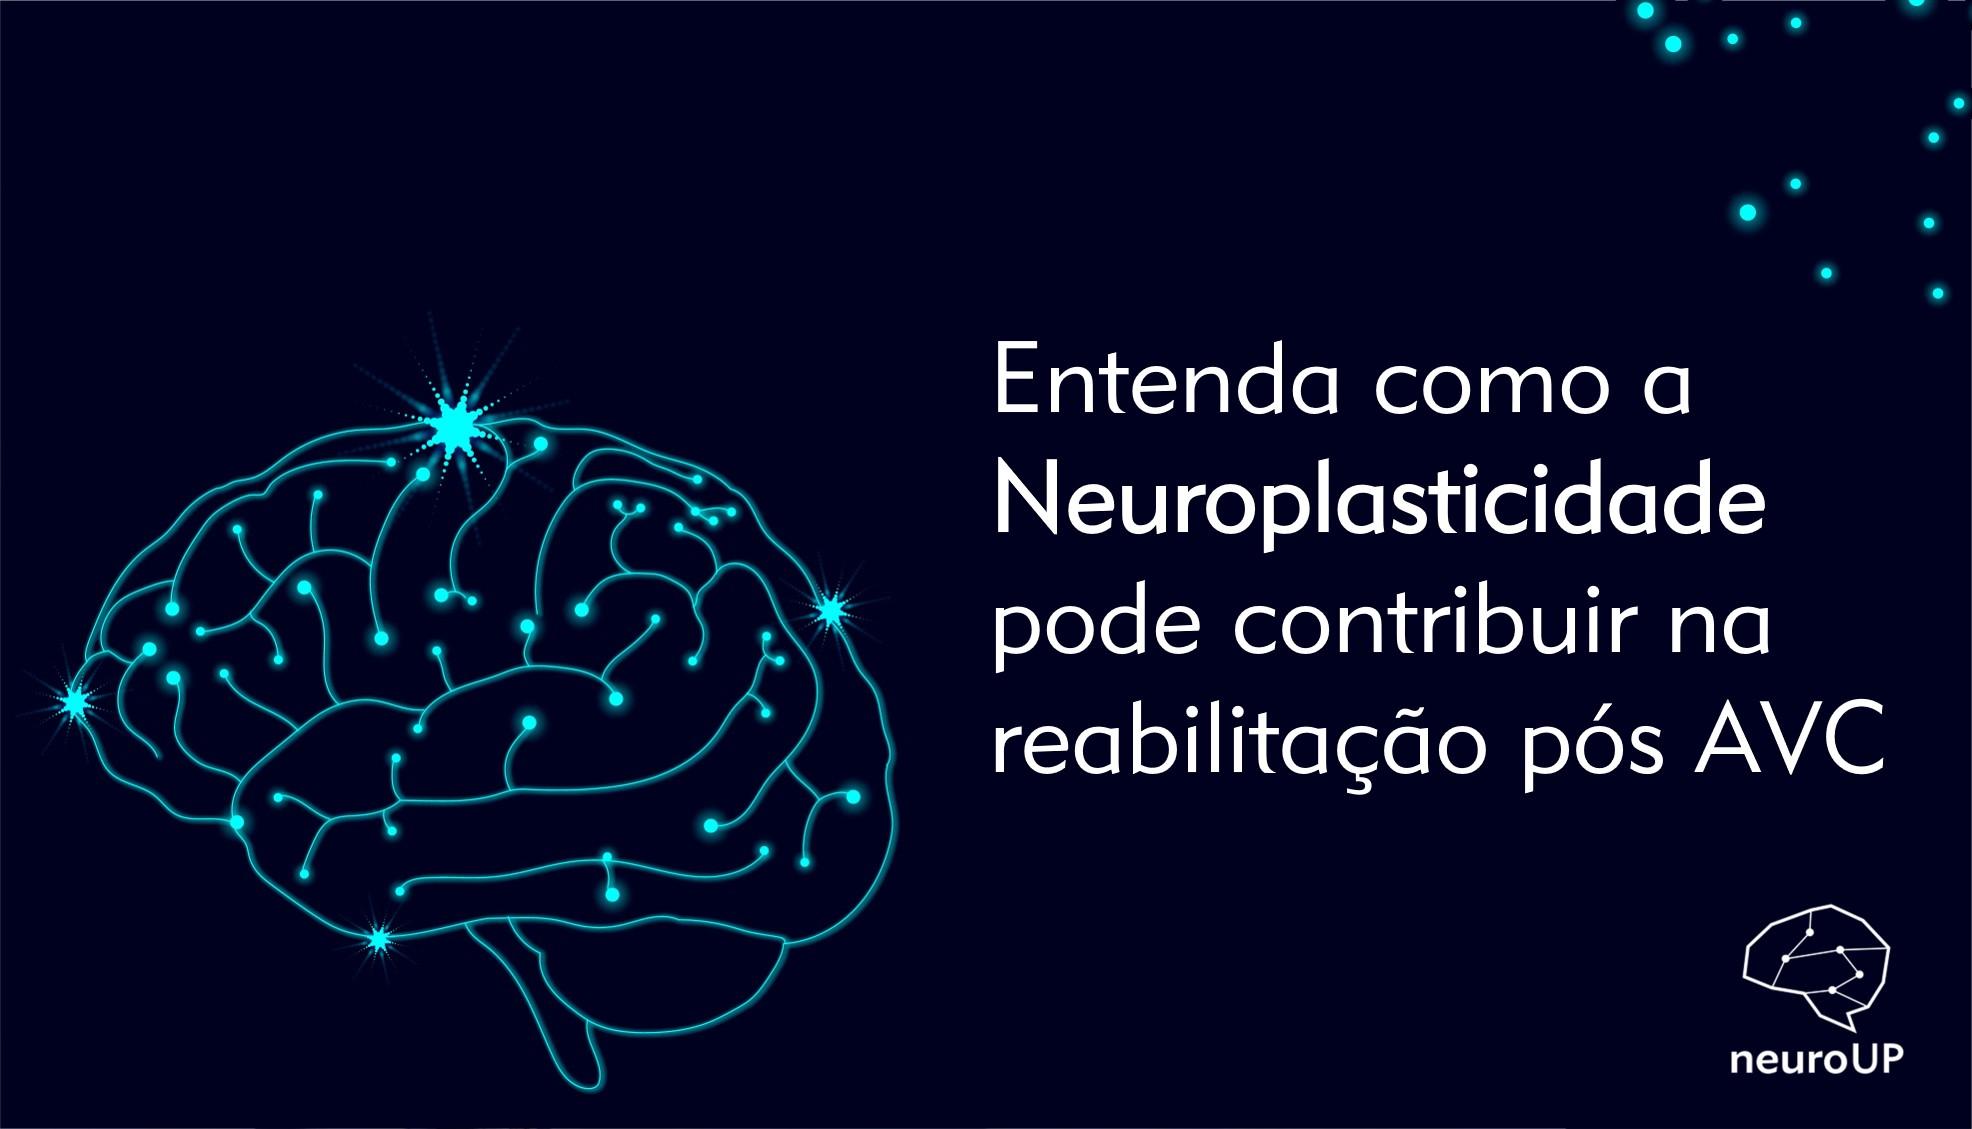 Como a Neuroplasticidade pode contribuir na reabilitação pós AVC